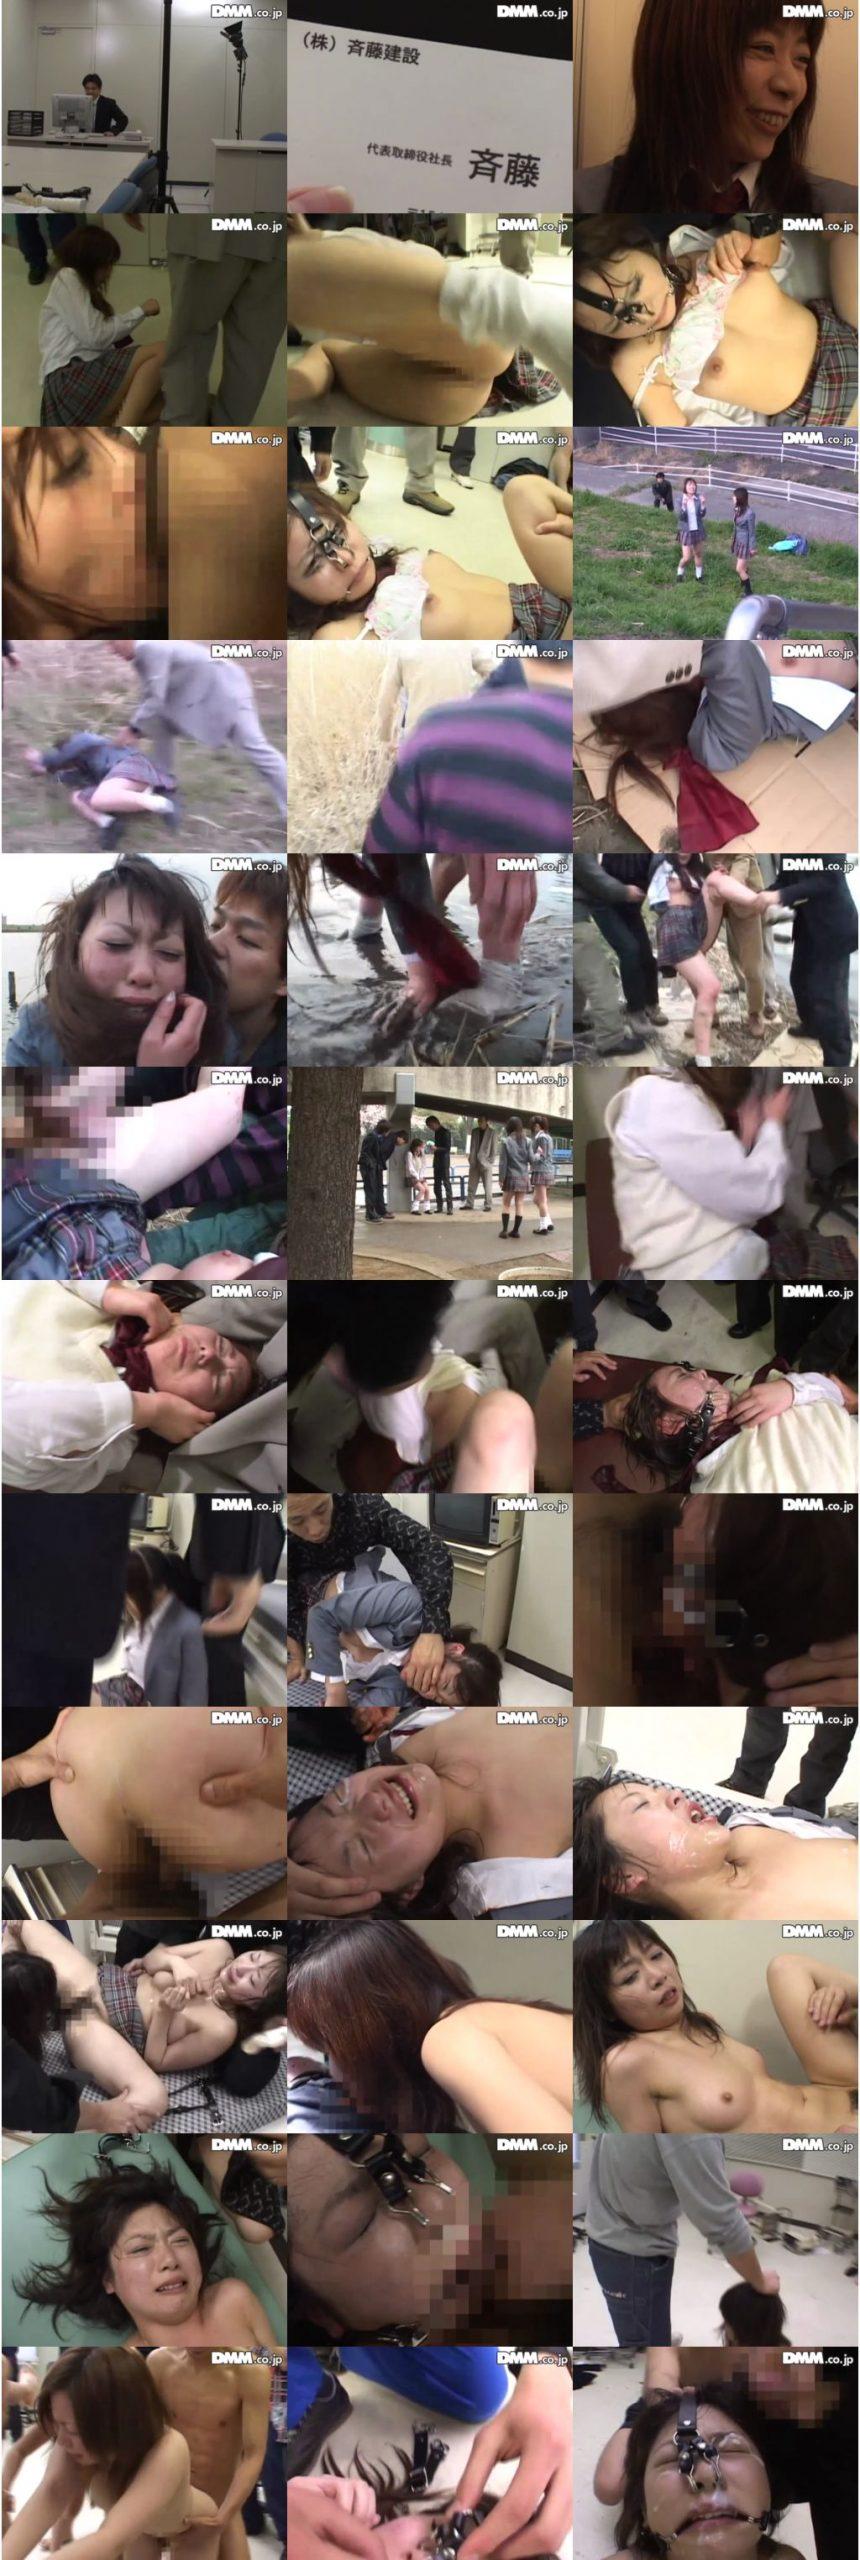 ati 001 s scaled - [ATID-001] 古物取引 No.11●11 メロン堂オリジナル 裏… School Girls アタッカーズ Other Aizawa Yume Harada Haruna